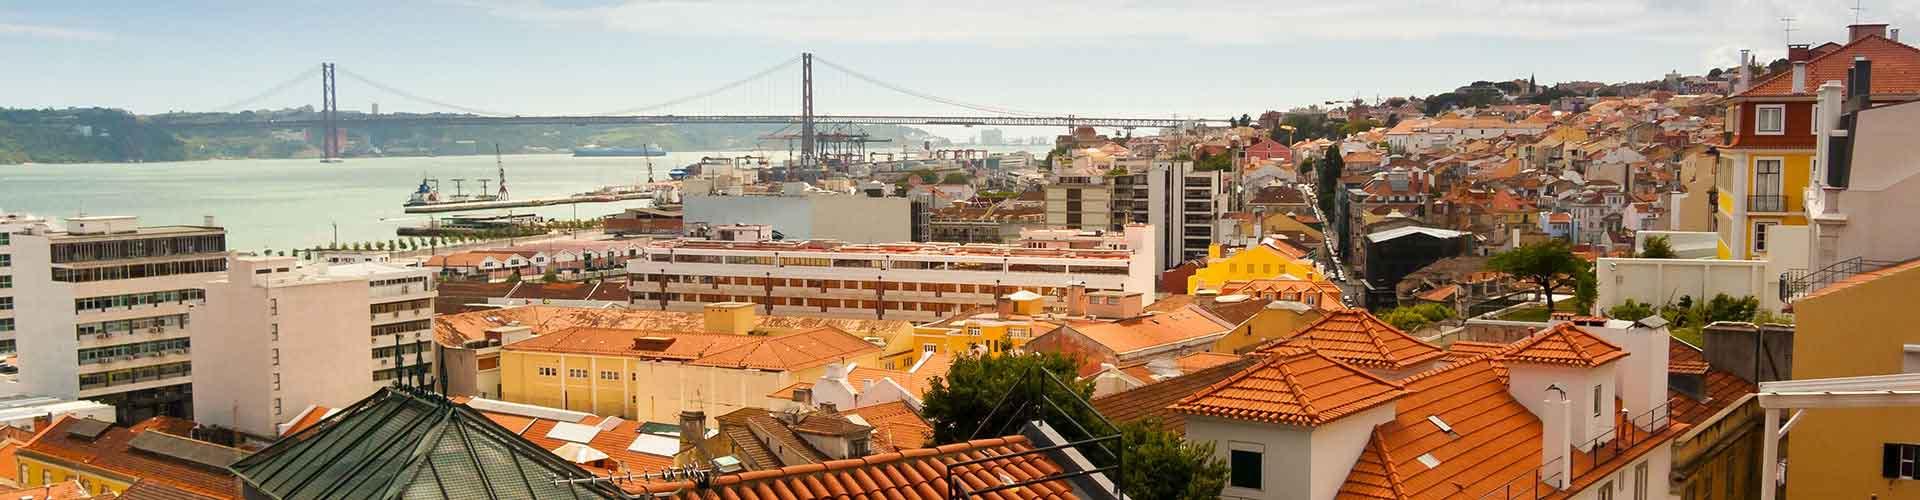 Lissabon – Hostels im Stadtteil Bairro Alto. Lissabon auf der Karte. Fotos und Bewertungen für jedes Hostel in Lissabon.